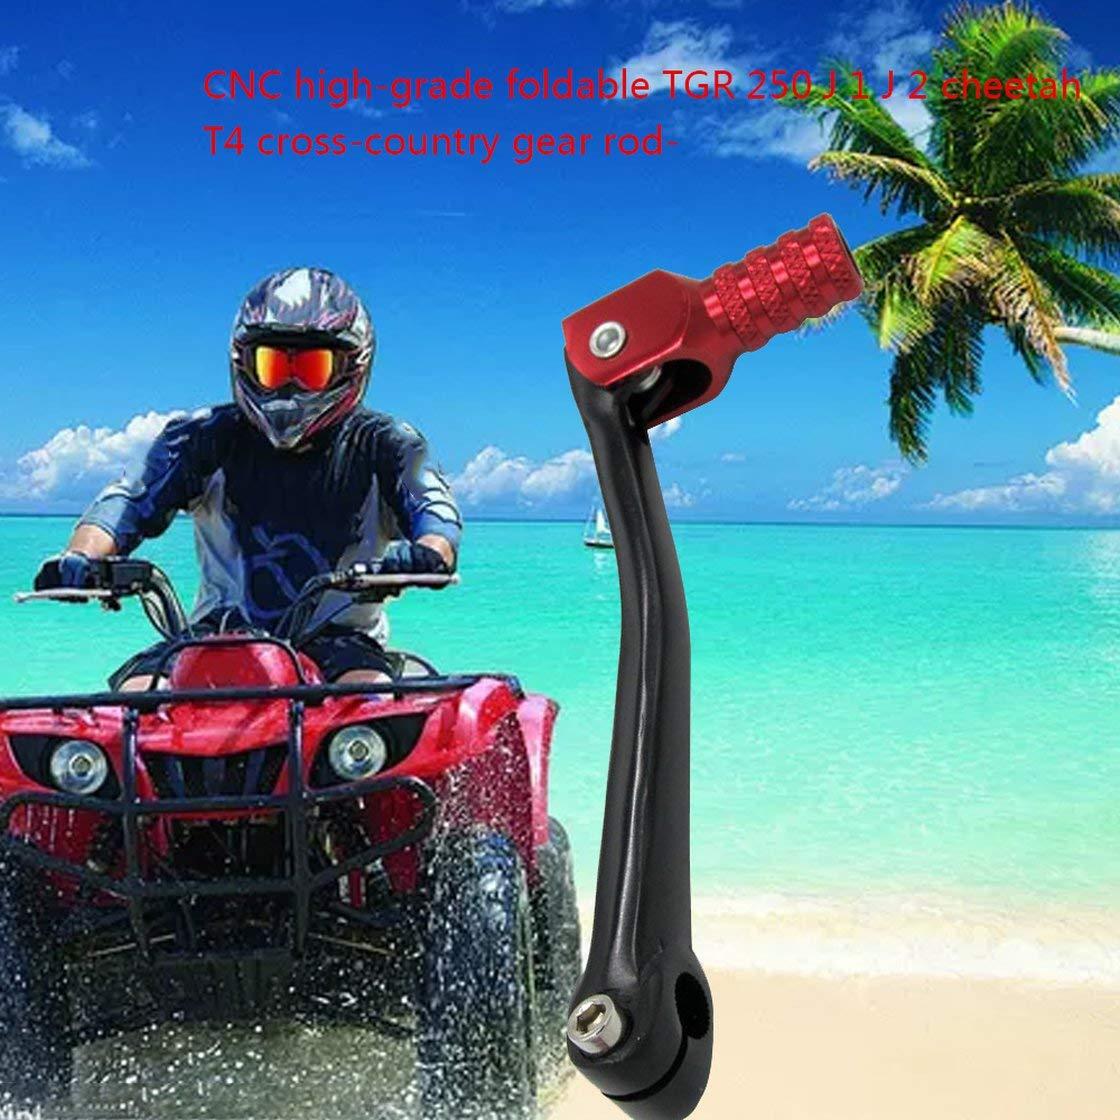 Universal ATV 2CNC de alto grado plegable TGR 250 palanca de cambios para 50cc 70cc 90cc 110cc Dirt Bike Pit Bike